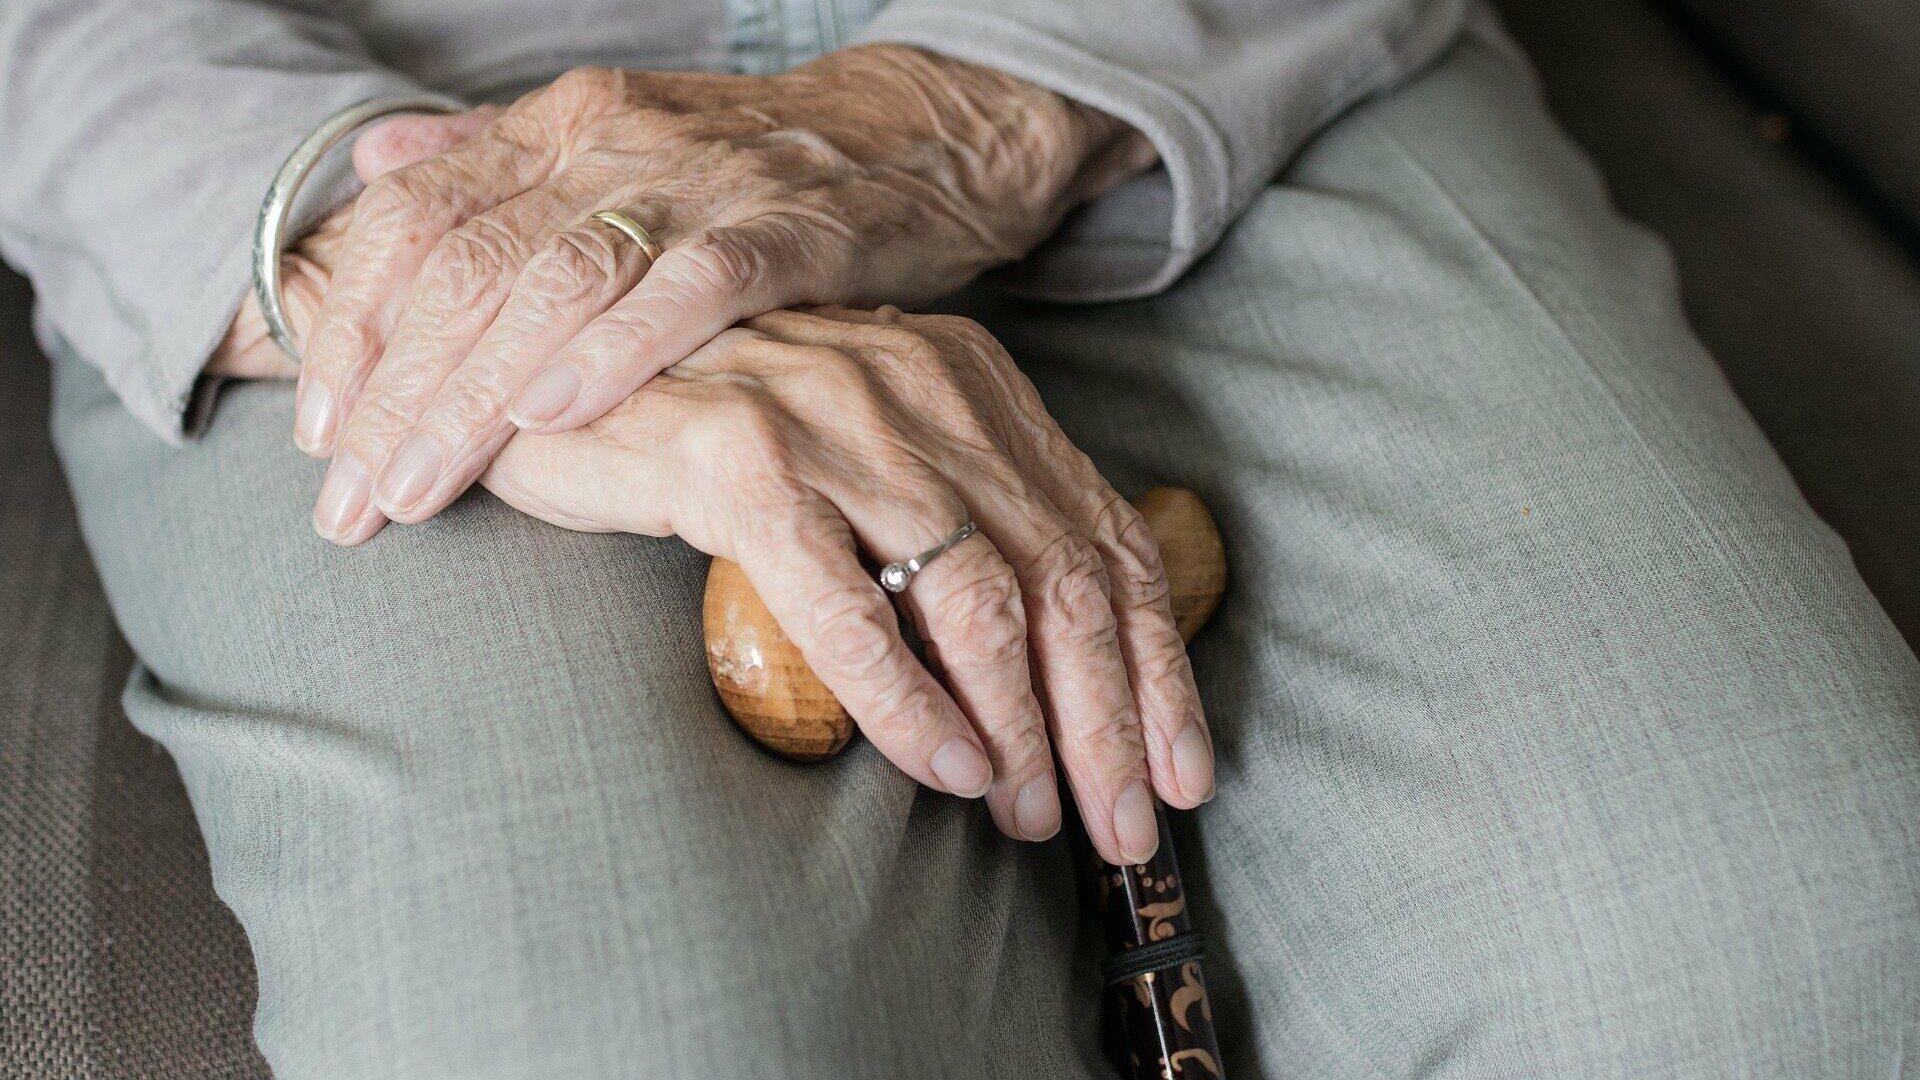 Imagen referencial de las manos de un anciano - Sputnik Mundo, 1920, 02.10.2021